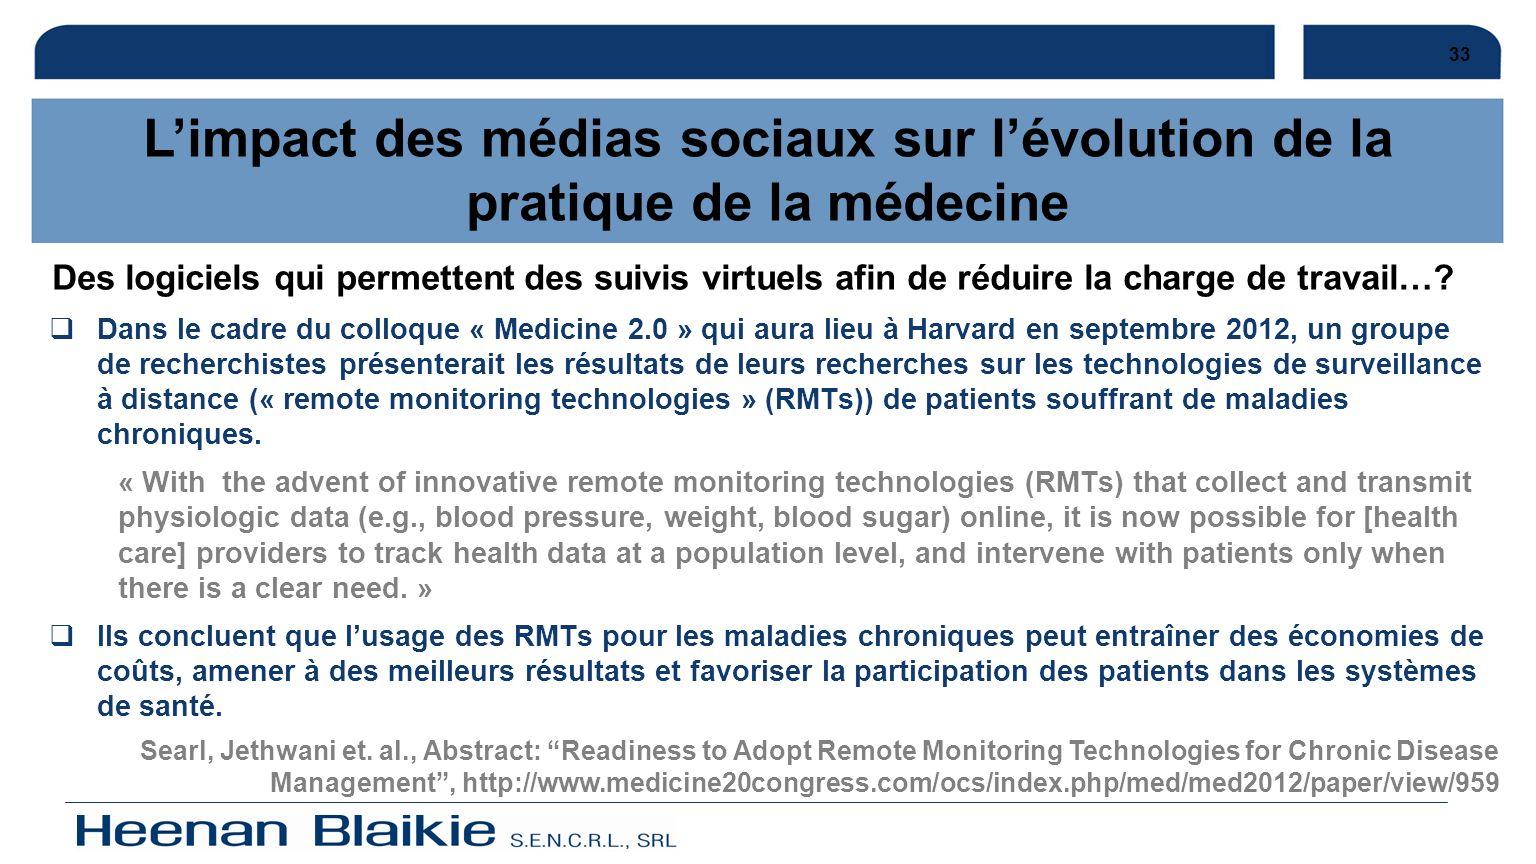 33L'impact des médias sociaux sur l'évolution de la pratique de la médecine.